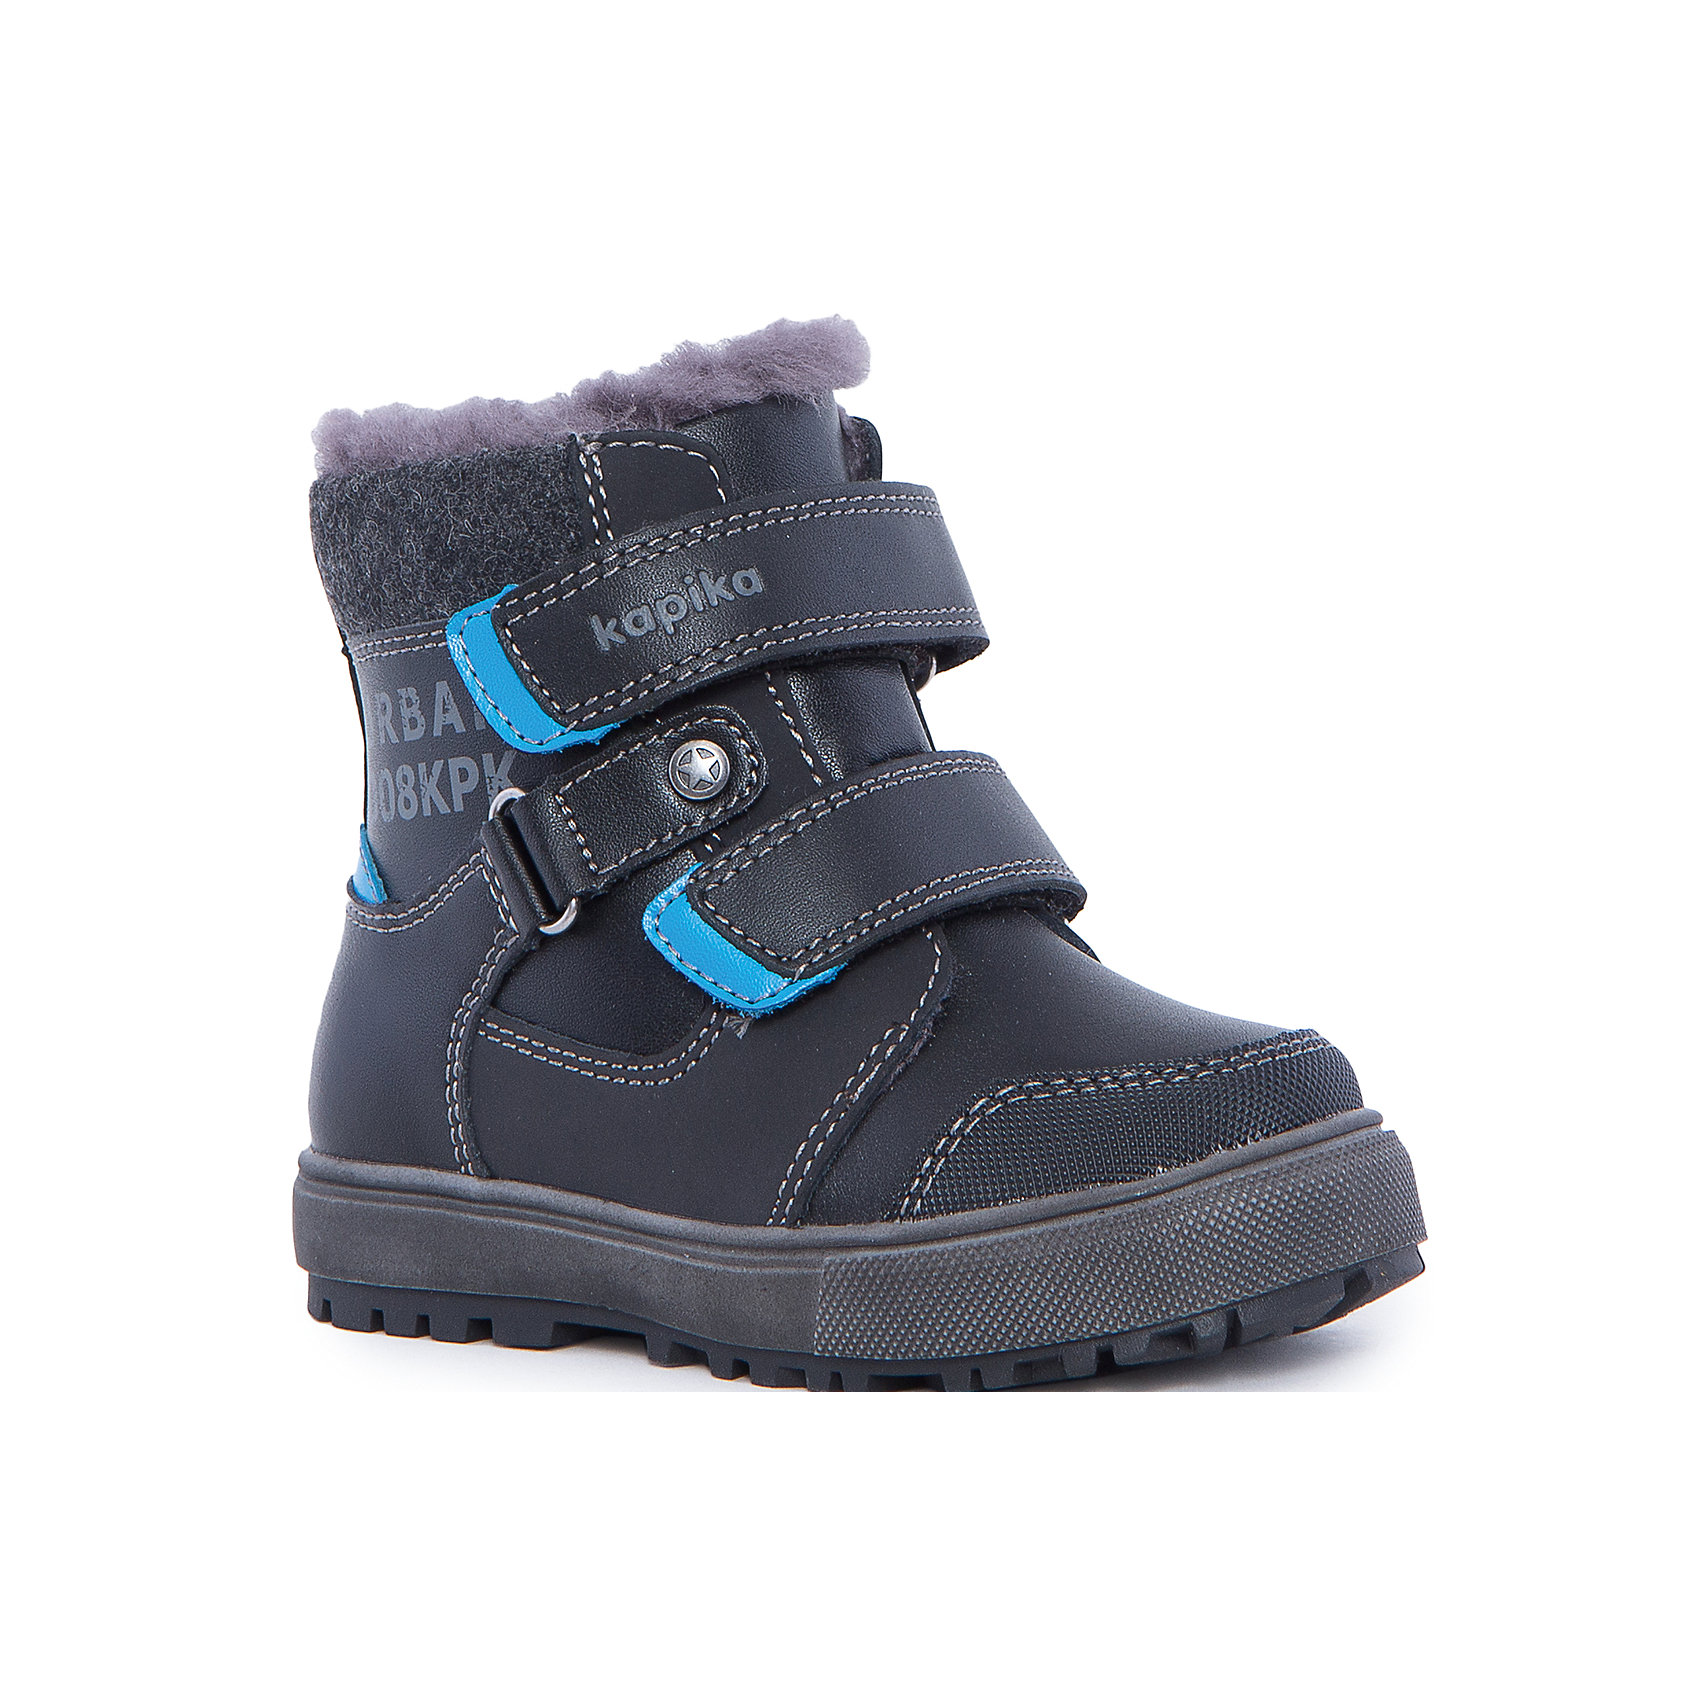 Ботинки для мальчика KAPIKAОбувь для малышей<br>Ботинки для мальчика KAPIKA.<br><br>Температурный режим: до -20 градусов. Степень утепления – средняя. <br><br>* Температурный режим указан приблизительно — необходимо, прежде всего, ориентироваться на ощущения ребенка. <br> <br>Красивые модные сапоги сделаны из натуральной кожи. Внутри также натуральный материал – овчина. Мех очень густой, поэтому сапоги подойдут на очень холодную погоду. Прорезиненная подошва и носок с защитой от стирания и попадания влаги. Застегиваются на молнию и фиксируются по ноге с помощью липучек.<br><br>Дополнительная информация:<br><br>- материал верха: натуральная кожа, натуральная замша<br>- материал подкладки: натуральный мех<br>- цвет: синий<br><br>Ботинки для мальчика KAPIKA можно купить в нашем интернет магазине.<br><br>Ширина мм: 262<br>Глубина мм: 176<br>Высота мм: 97<br>Вес г: 427<br>Цвет: черный<br>Возраст от месяцев: 18<br>Возраст до месяцев: 21<br>Пол: Мужской<br>Возраст: Детский<br>Размер: 23,27,24,25,26<br>SKU: 4988139